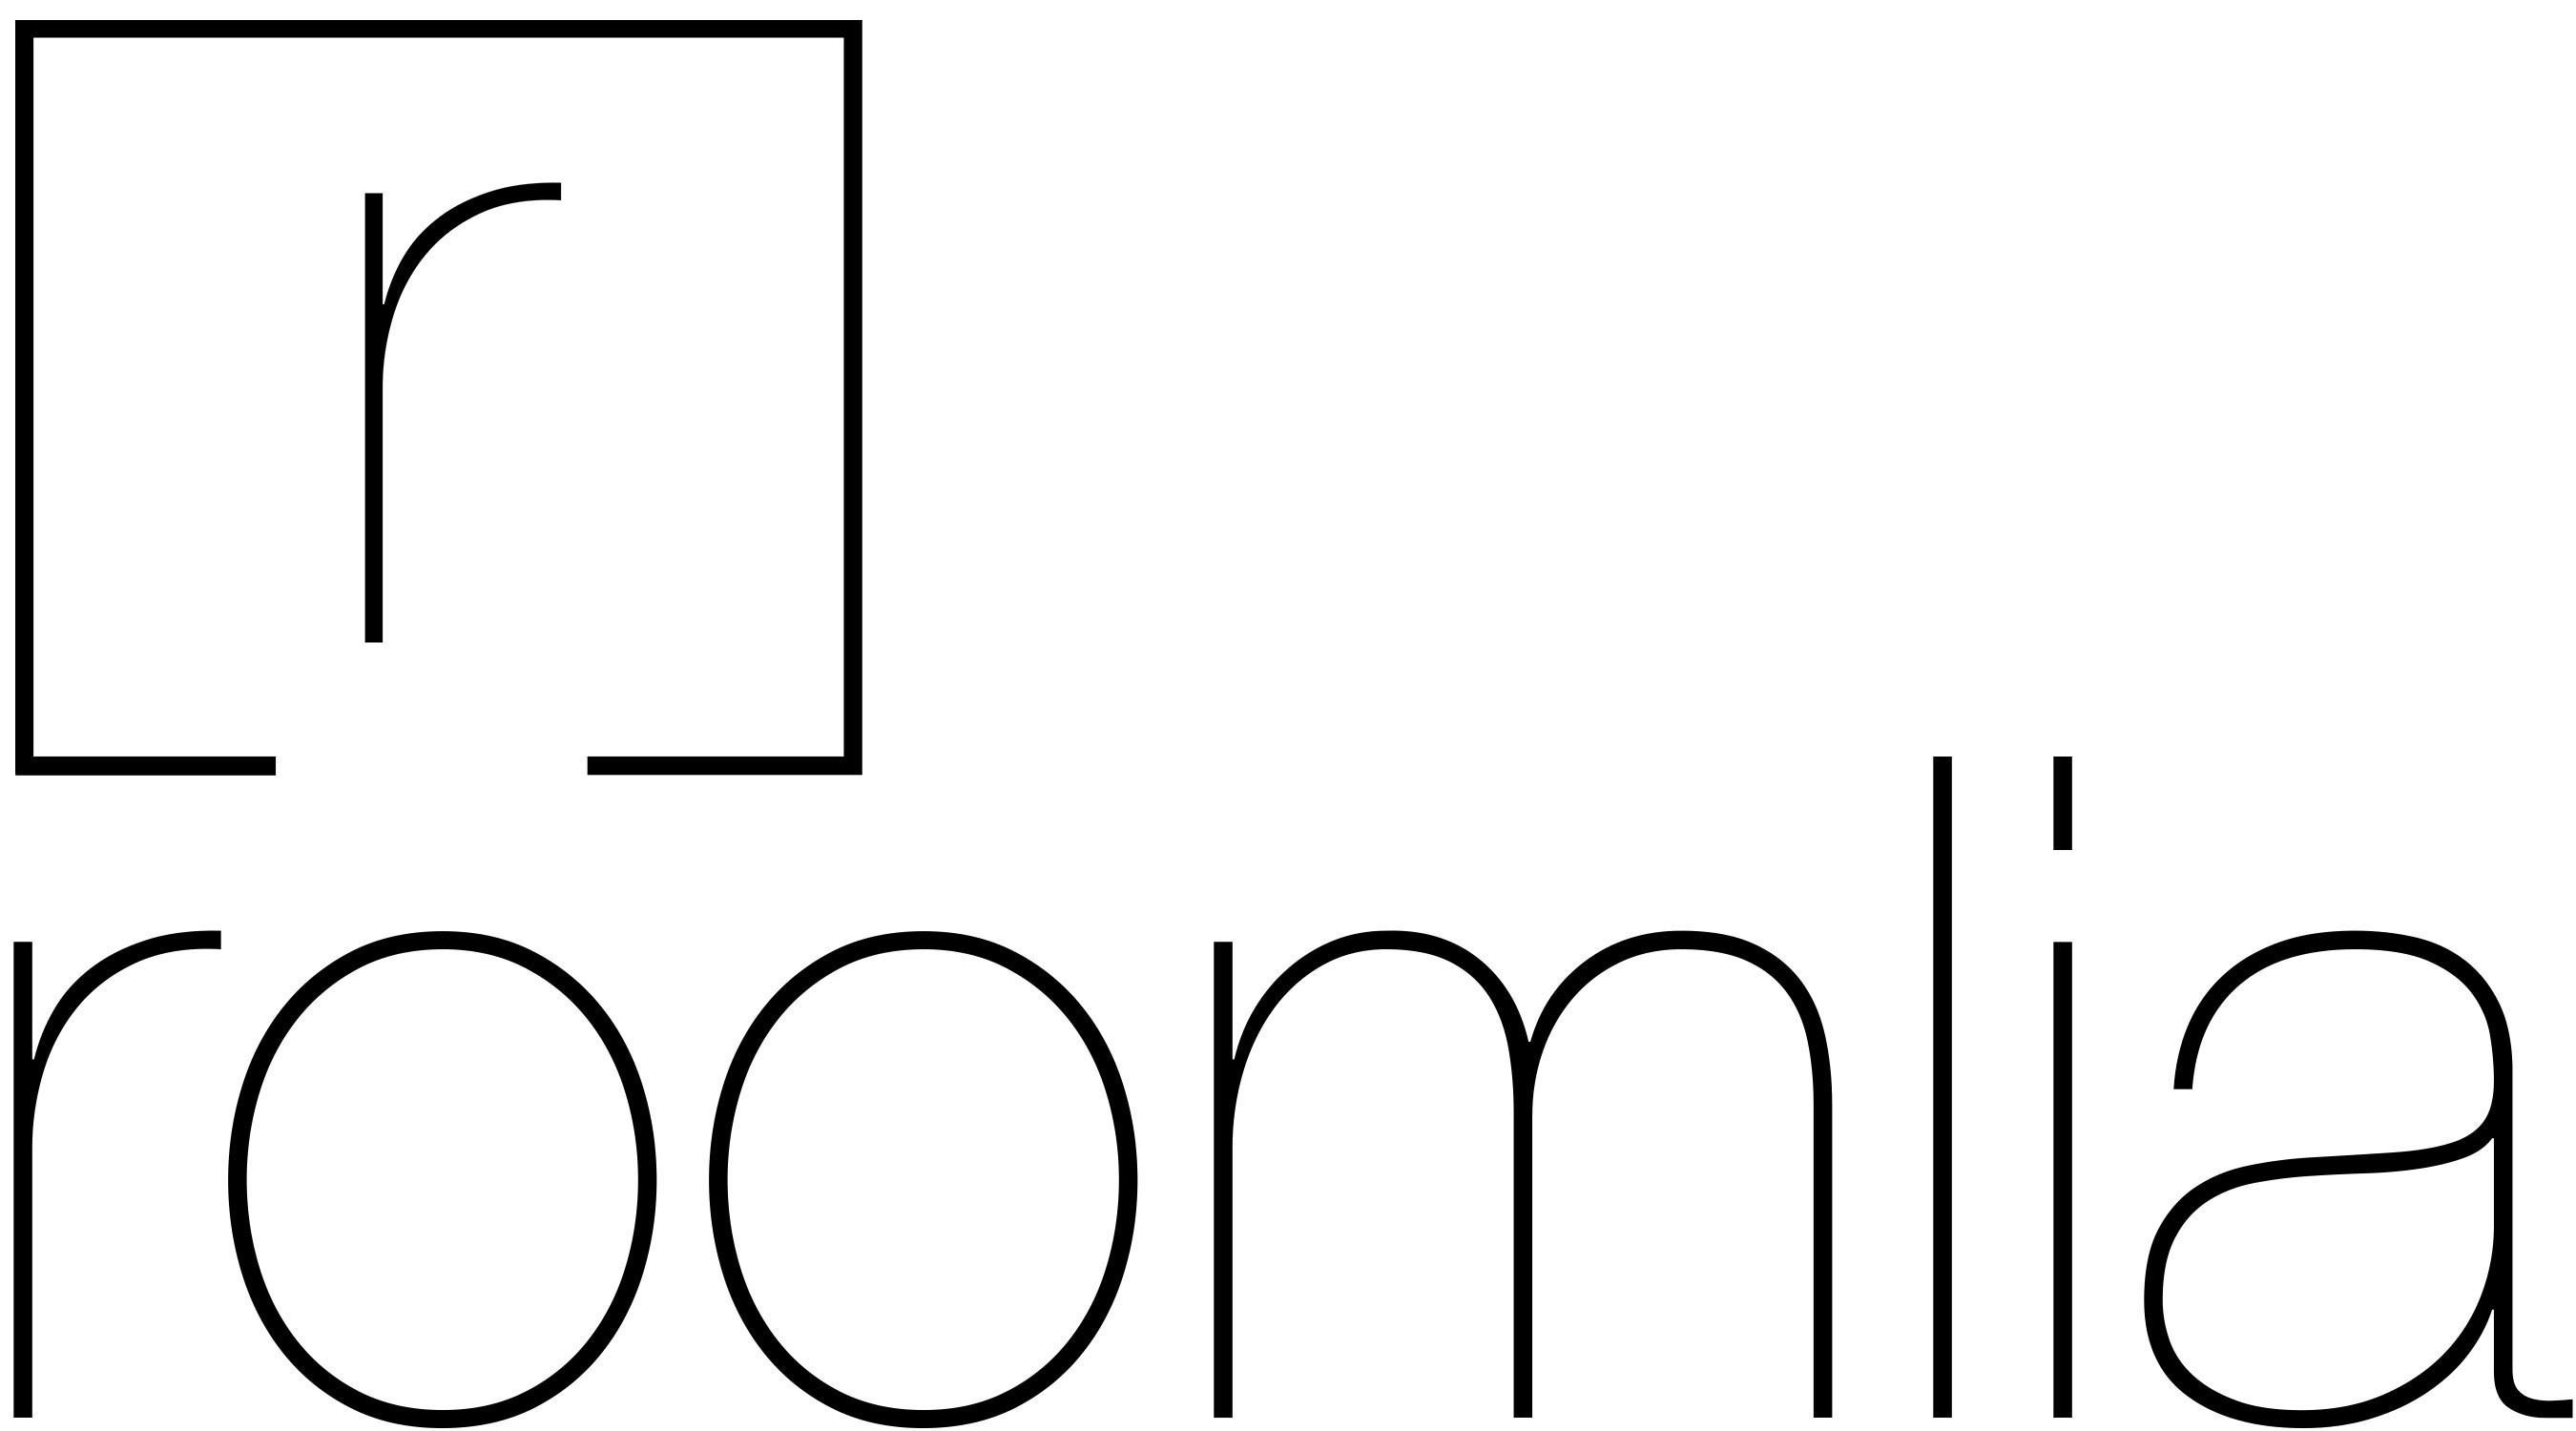 roomlia(R) - A Remark Media Company